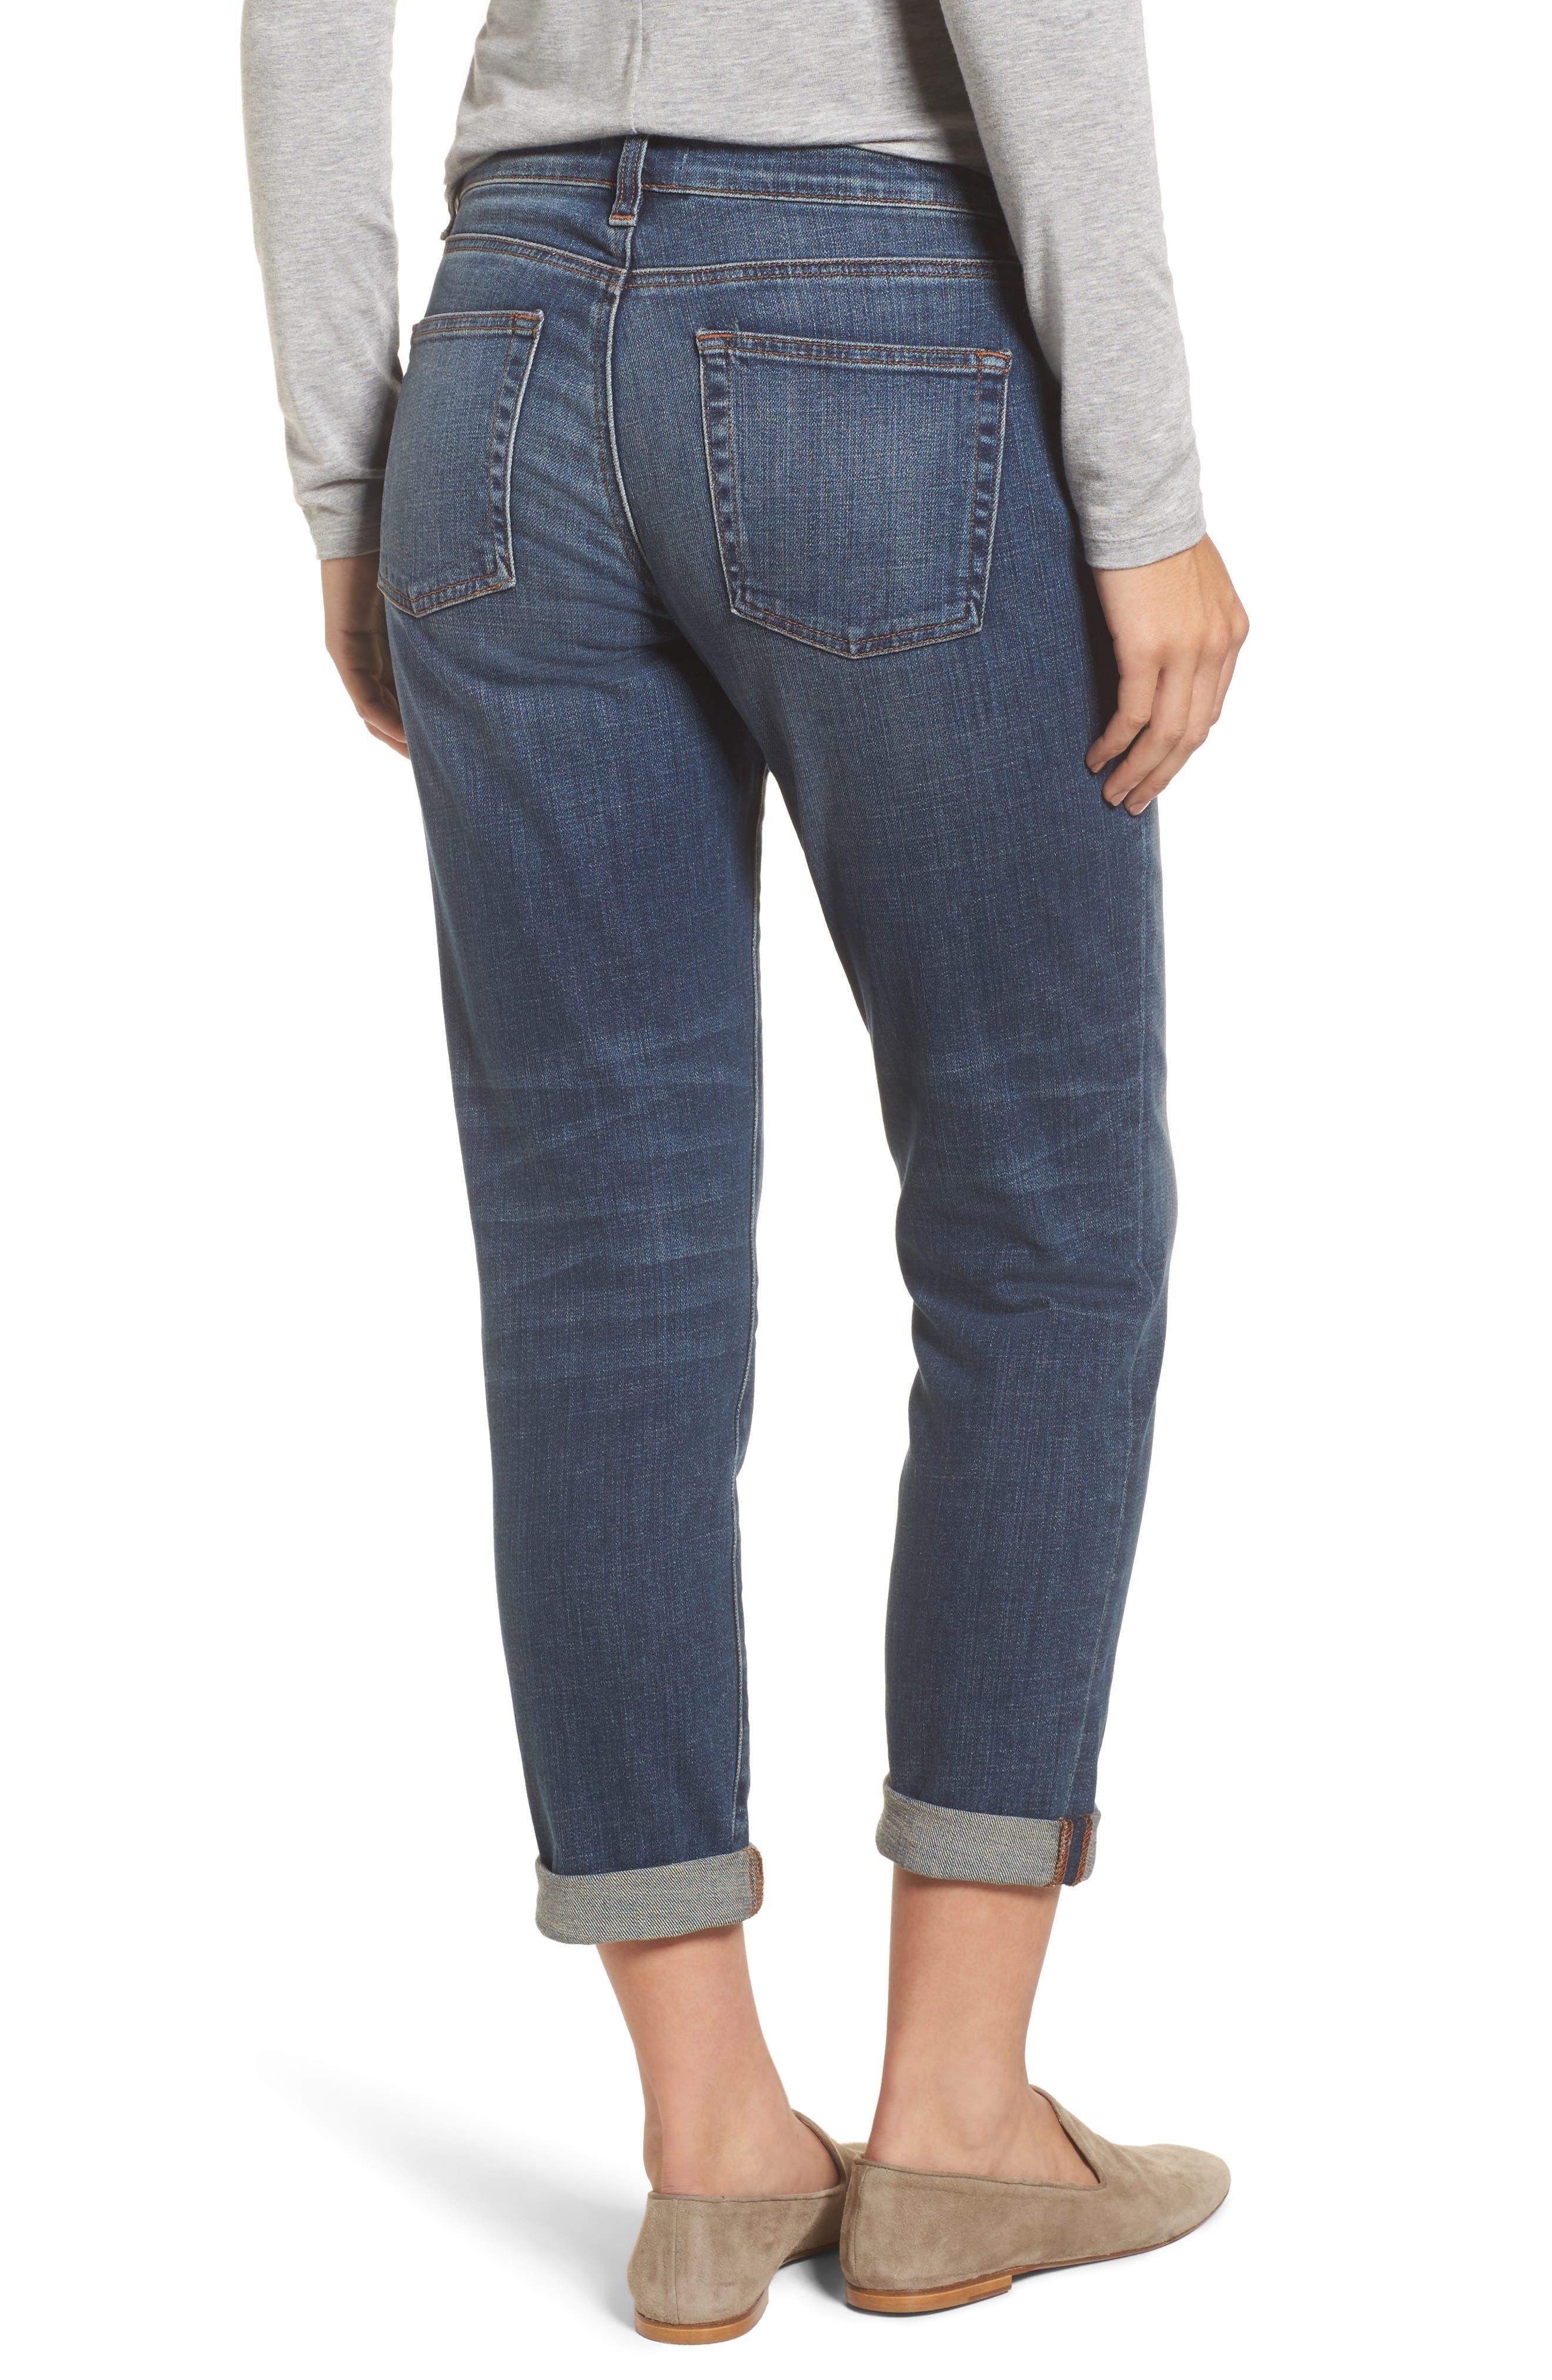 Organic Cotton Boyfriend Jeans,                             Alternate thumbnail 2, color,                             400